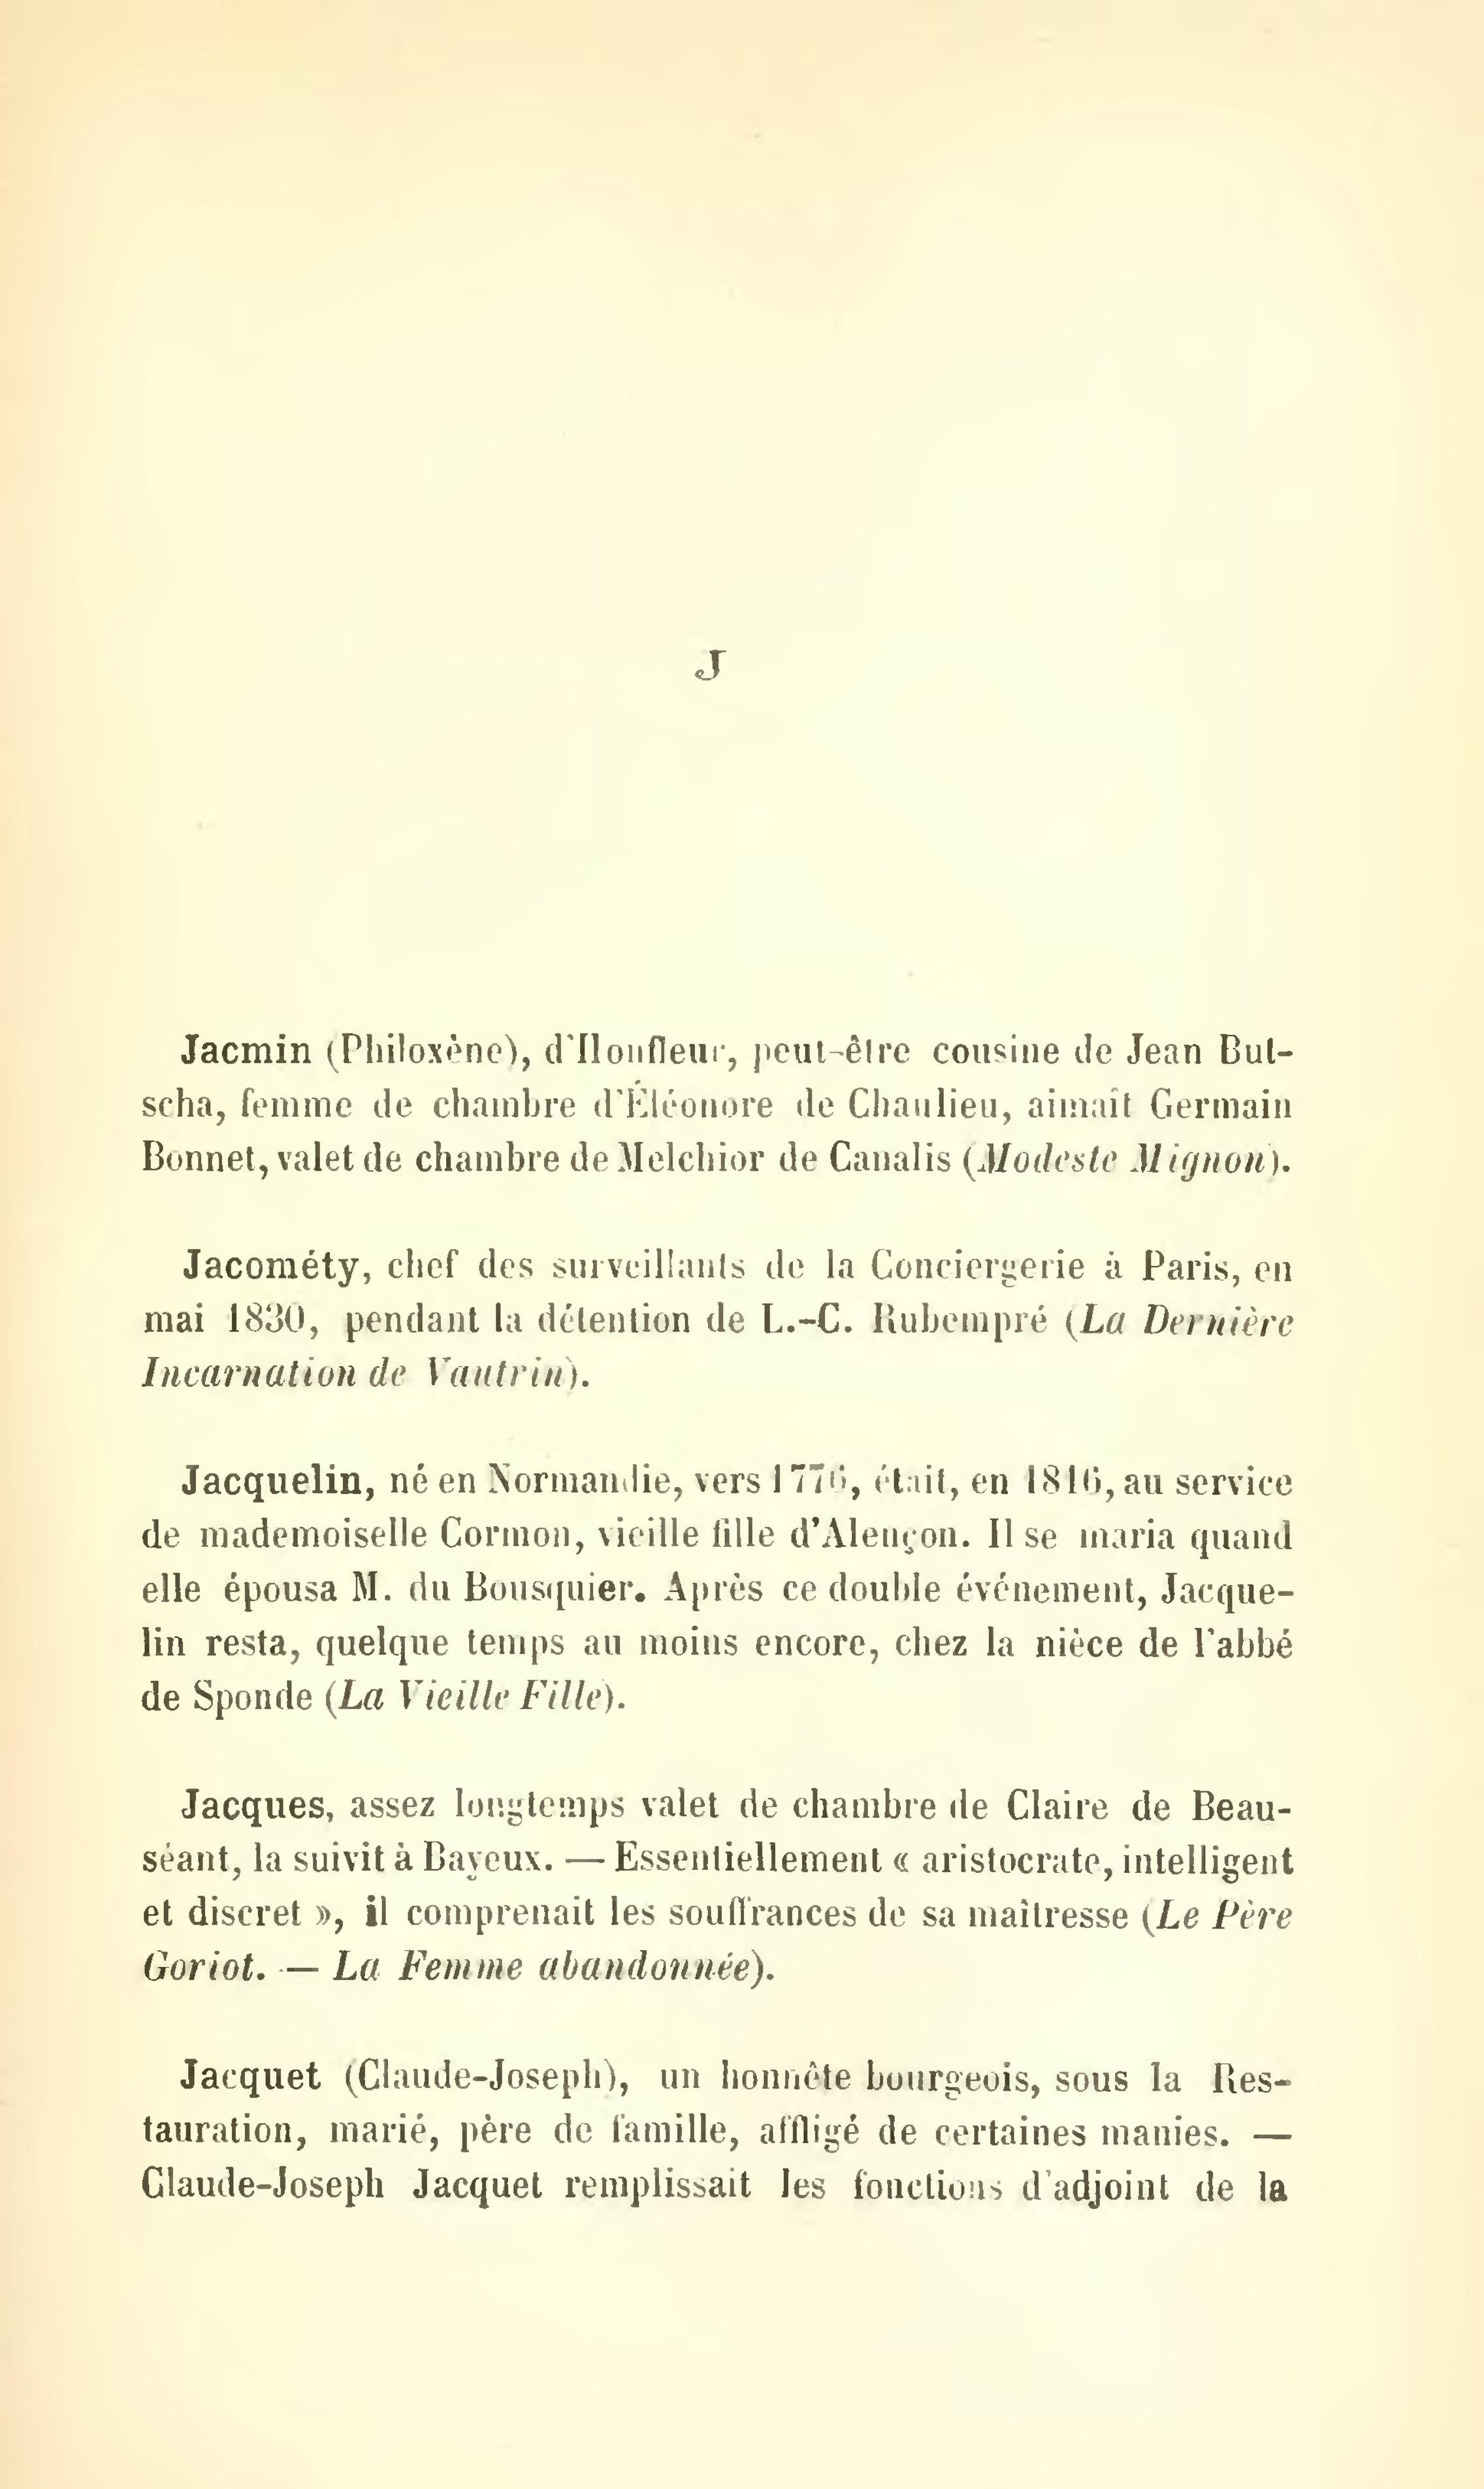 Page é humaine Répertoirevu 295 Wikisource